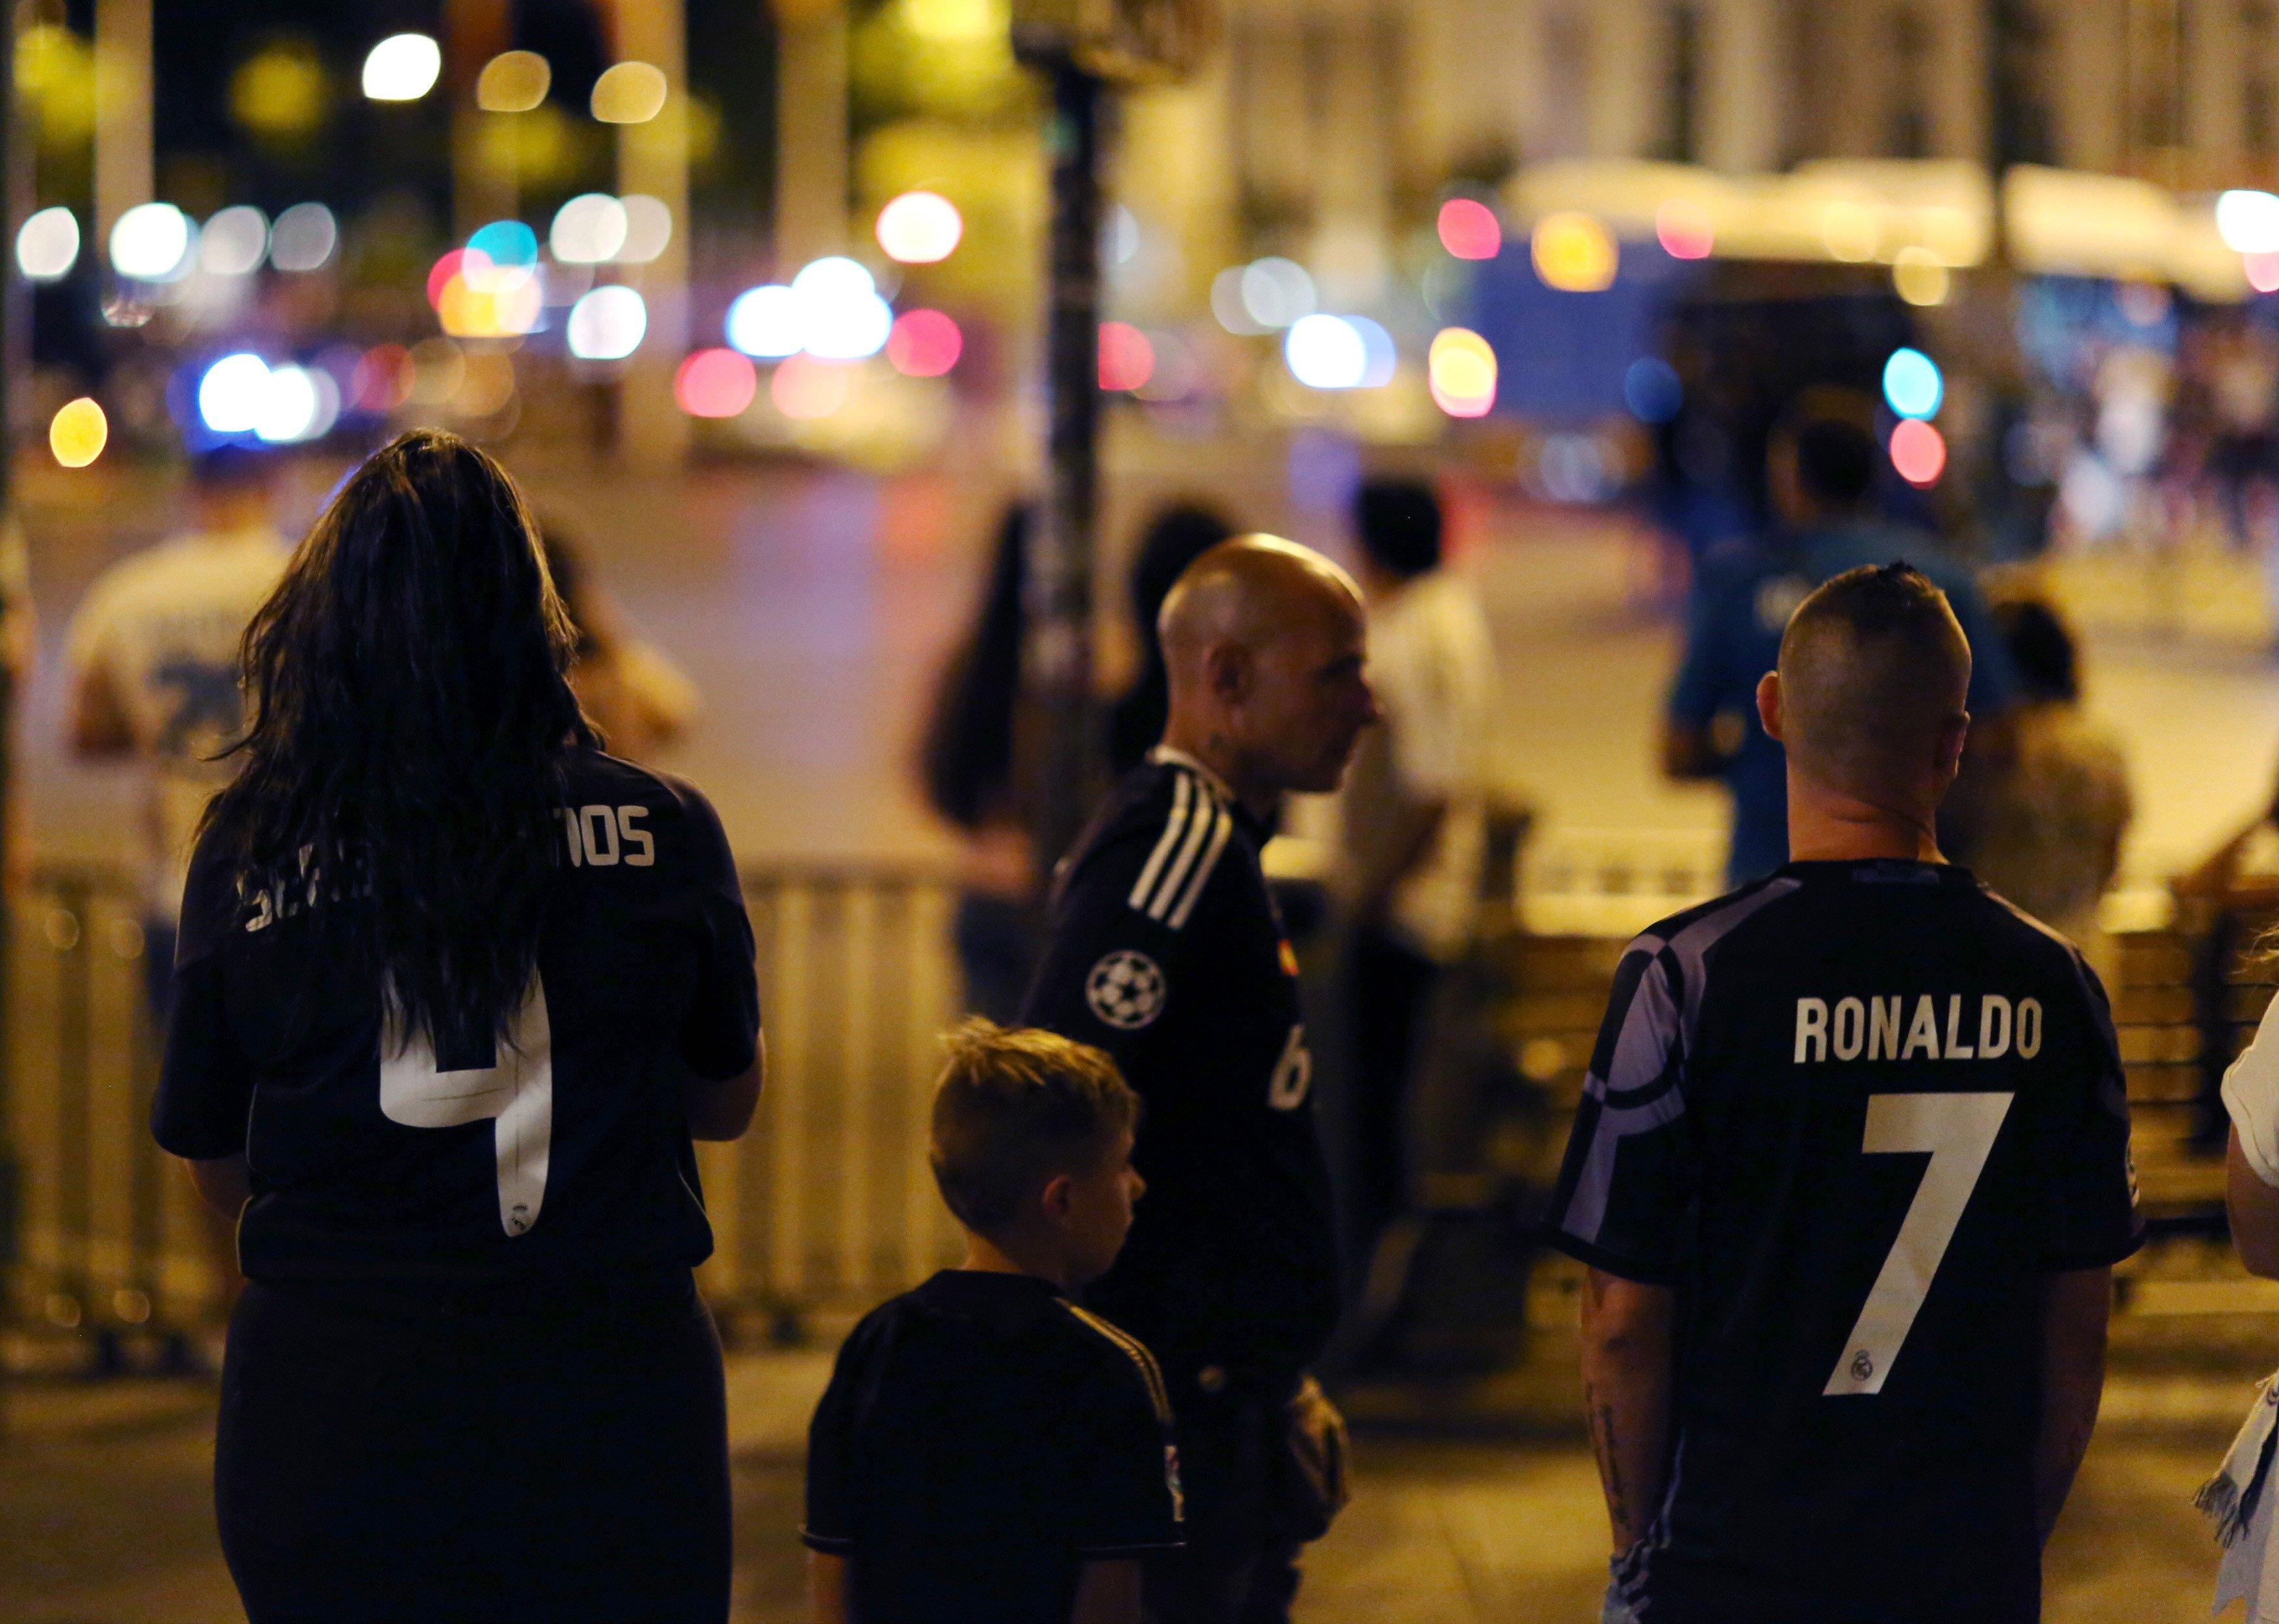 Aficionats del Reial Madrid s'han acostat a la font de Cibeles, després de guanyar la desena Supercopa d'Espanya. /JAVIER LÓPEZ